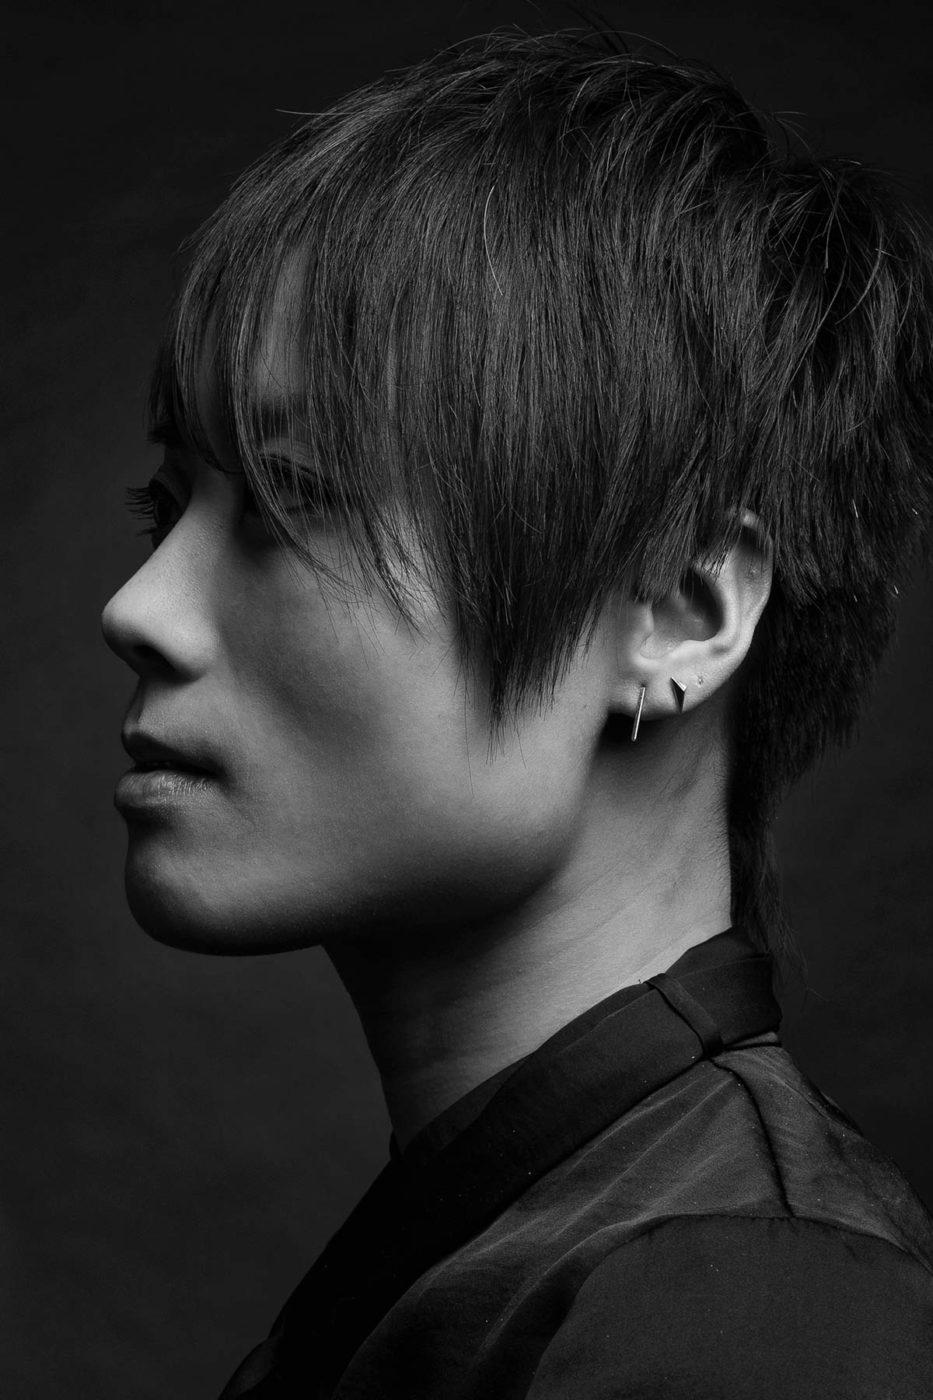 Chishuan Yang